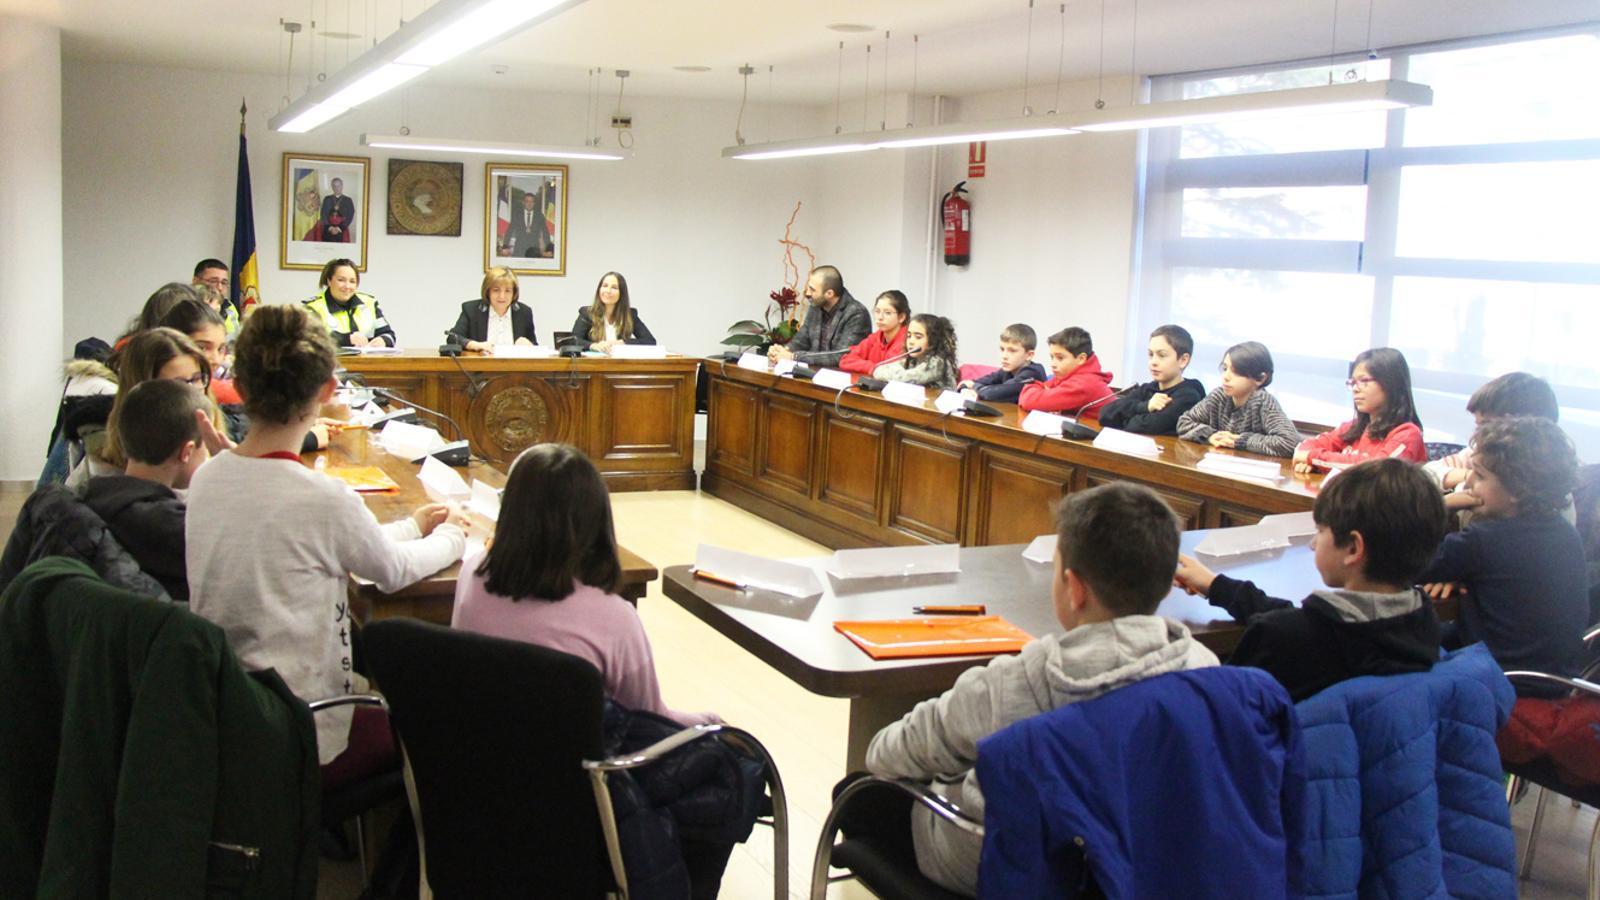 El comú d'Escaldes-Engordany ha celebrat la primera sessió del Consell d'infants del curs 2017-2018 aquest dimarts al matí. / E. J. M. (ANA)